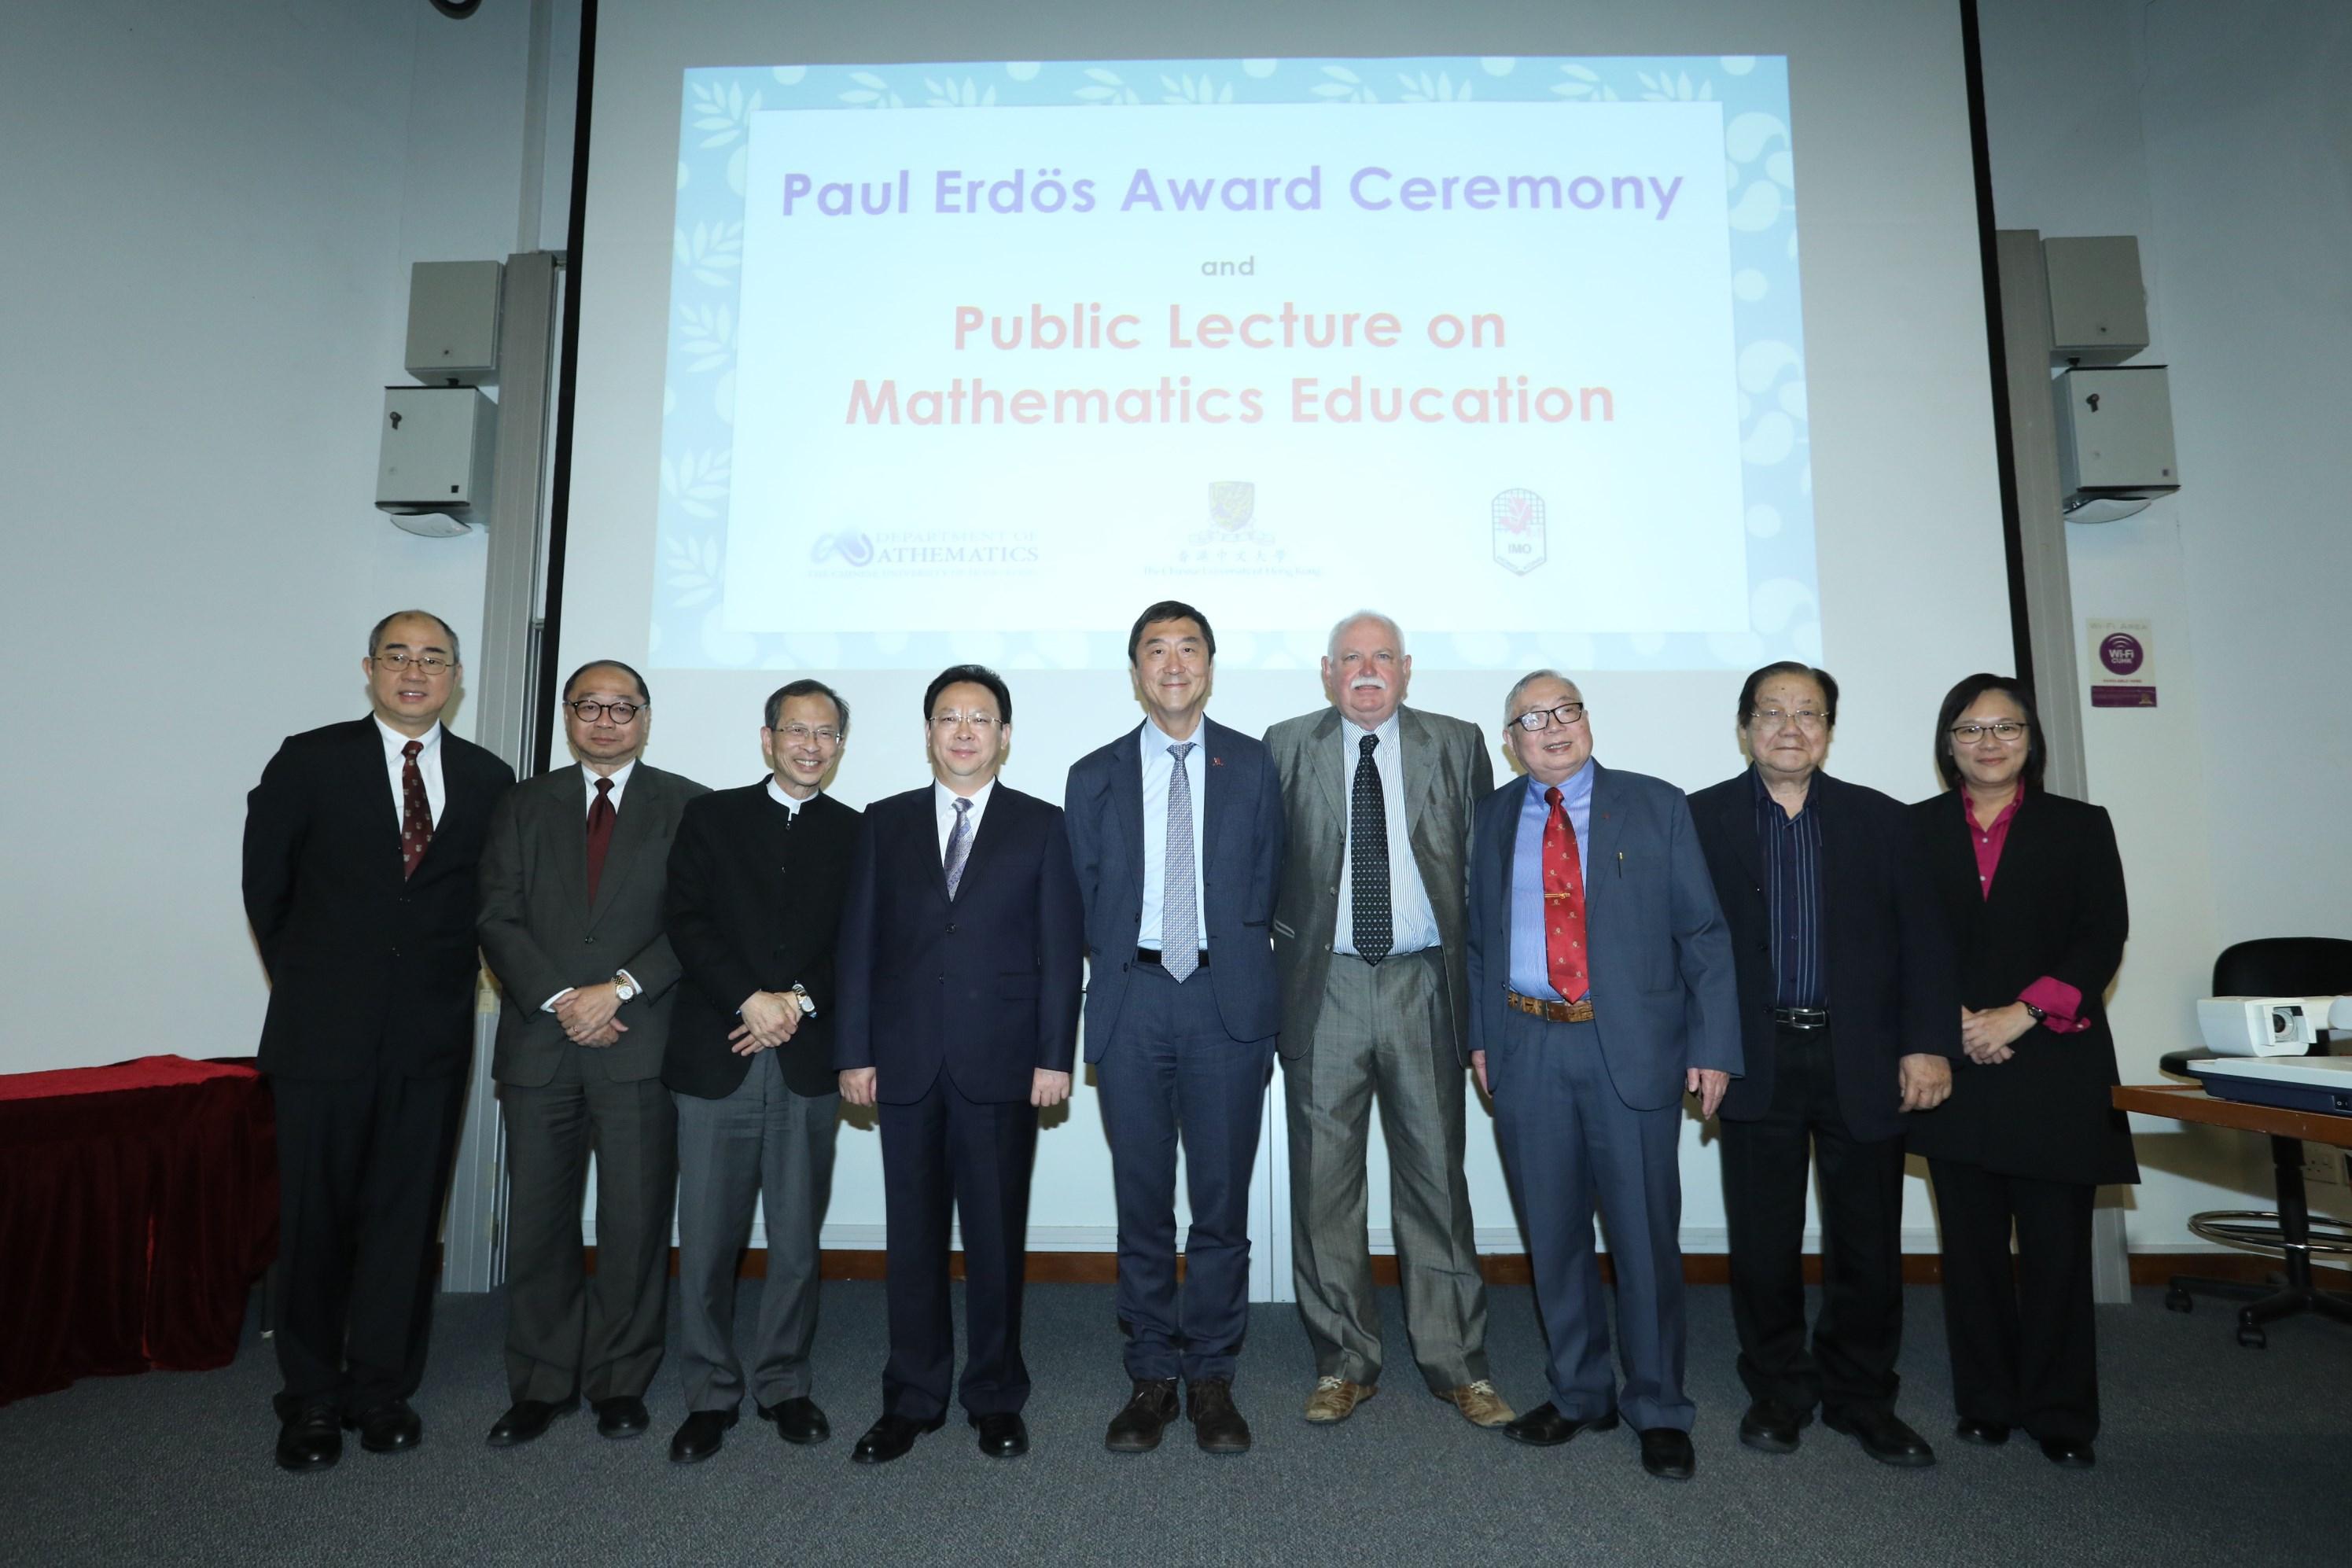 岑嘉評教授及彼得泰勒教授與嘉賓合照。